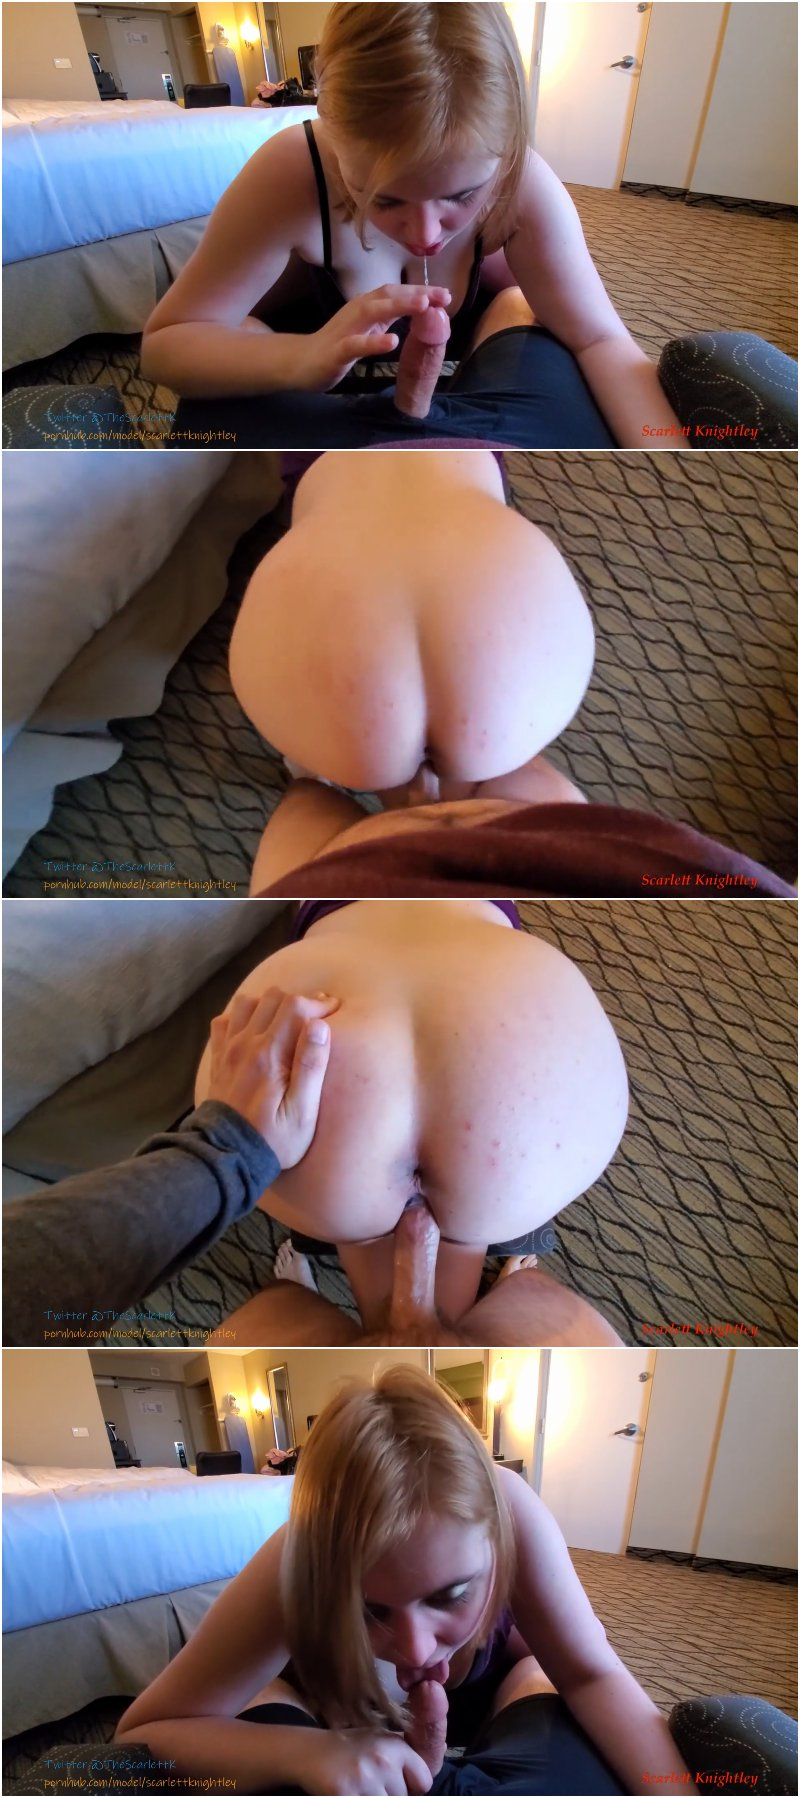 Scarlett Knightley - My First Creampie   Pornhub